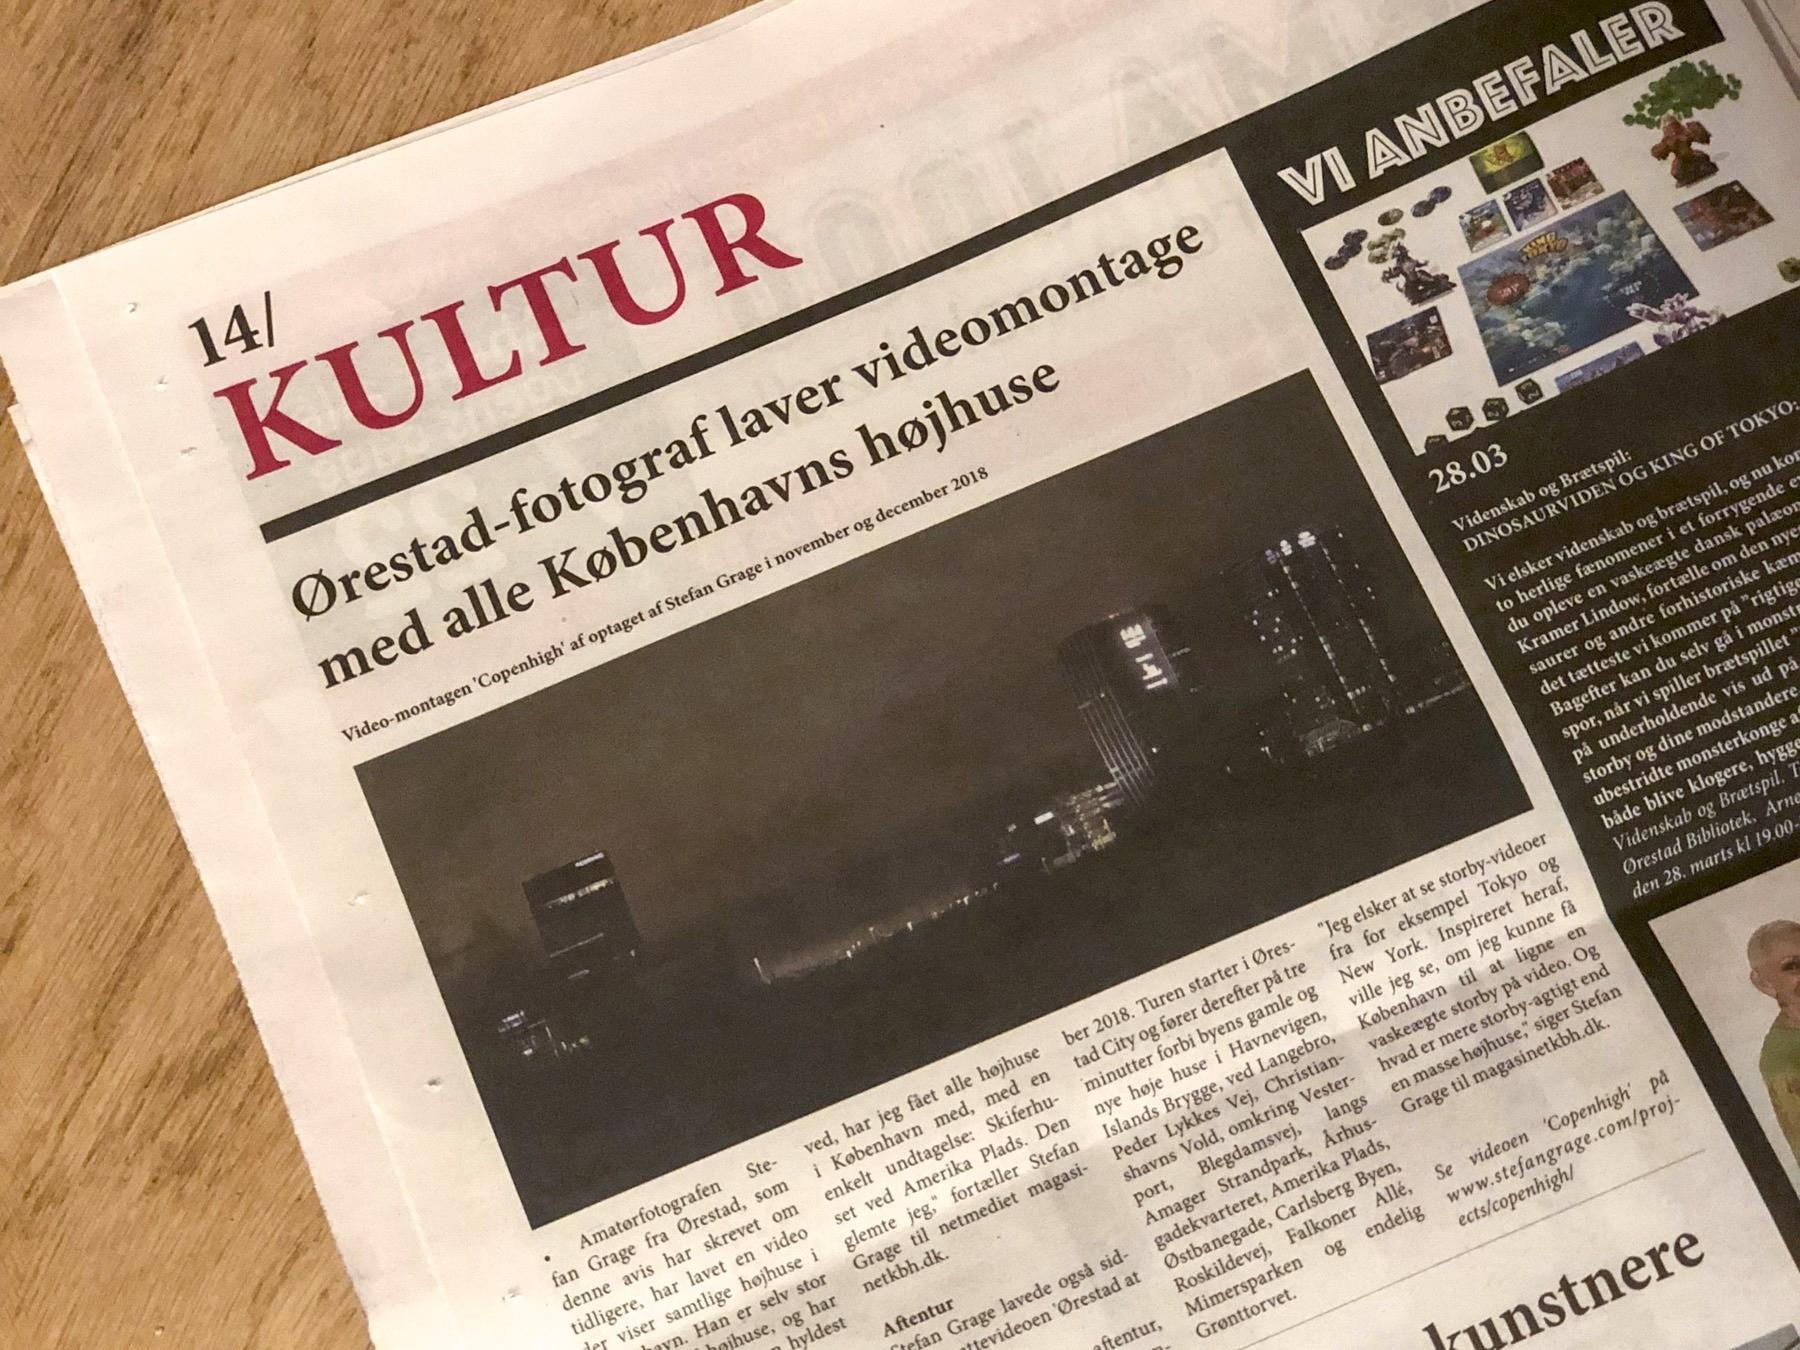 Ørestad fotograf Stefan Grage i Ørestad avis igen